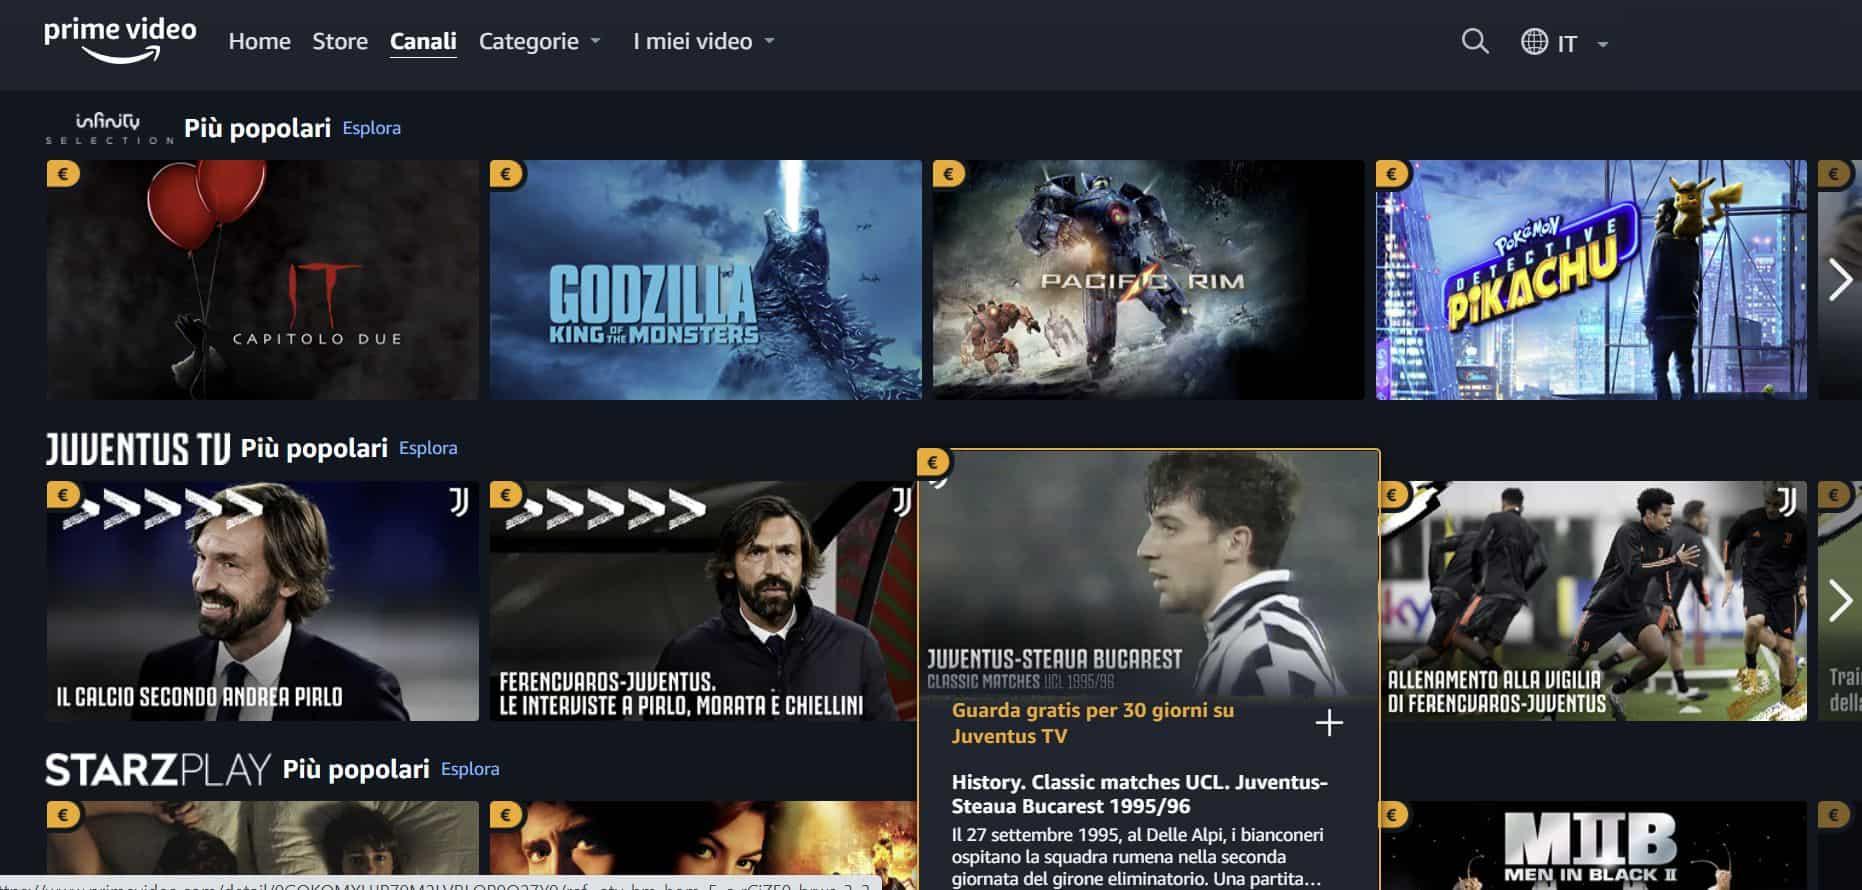 Amazon Prima Video Channels